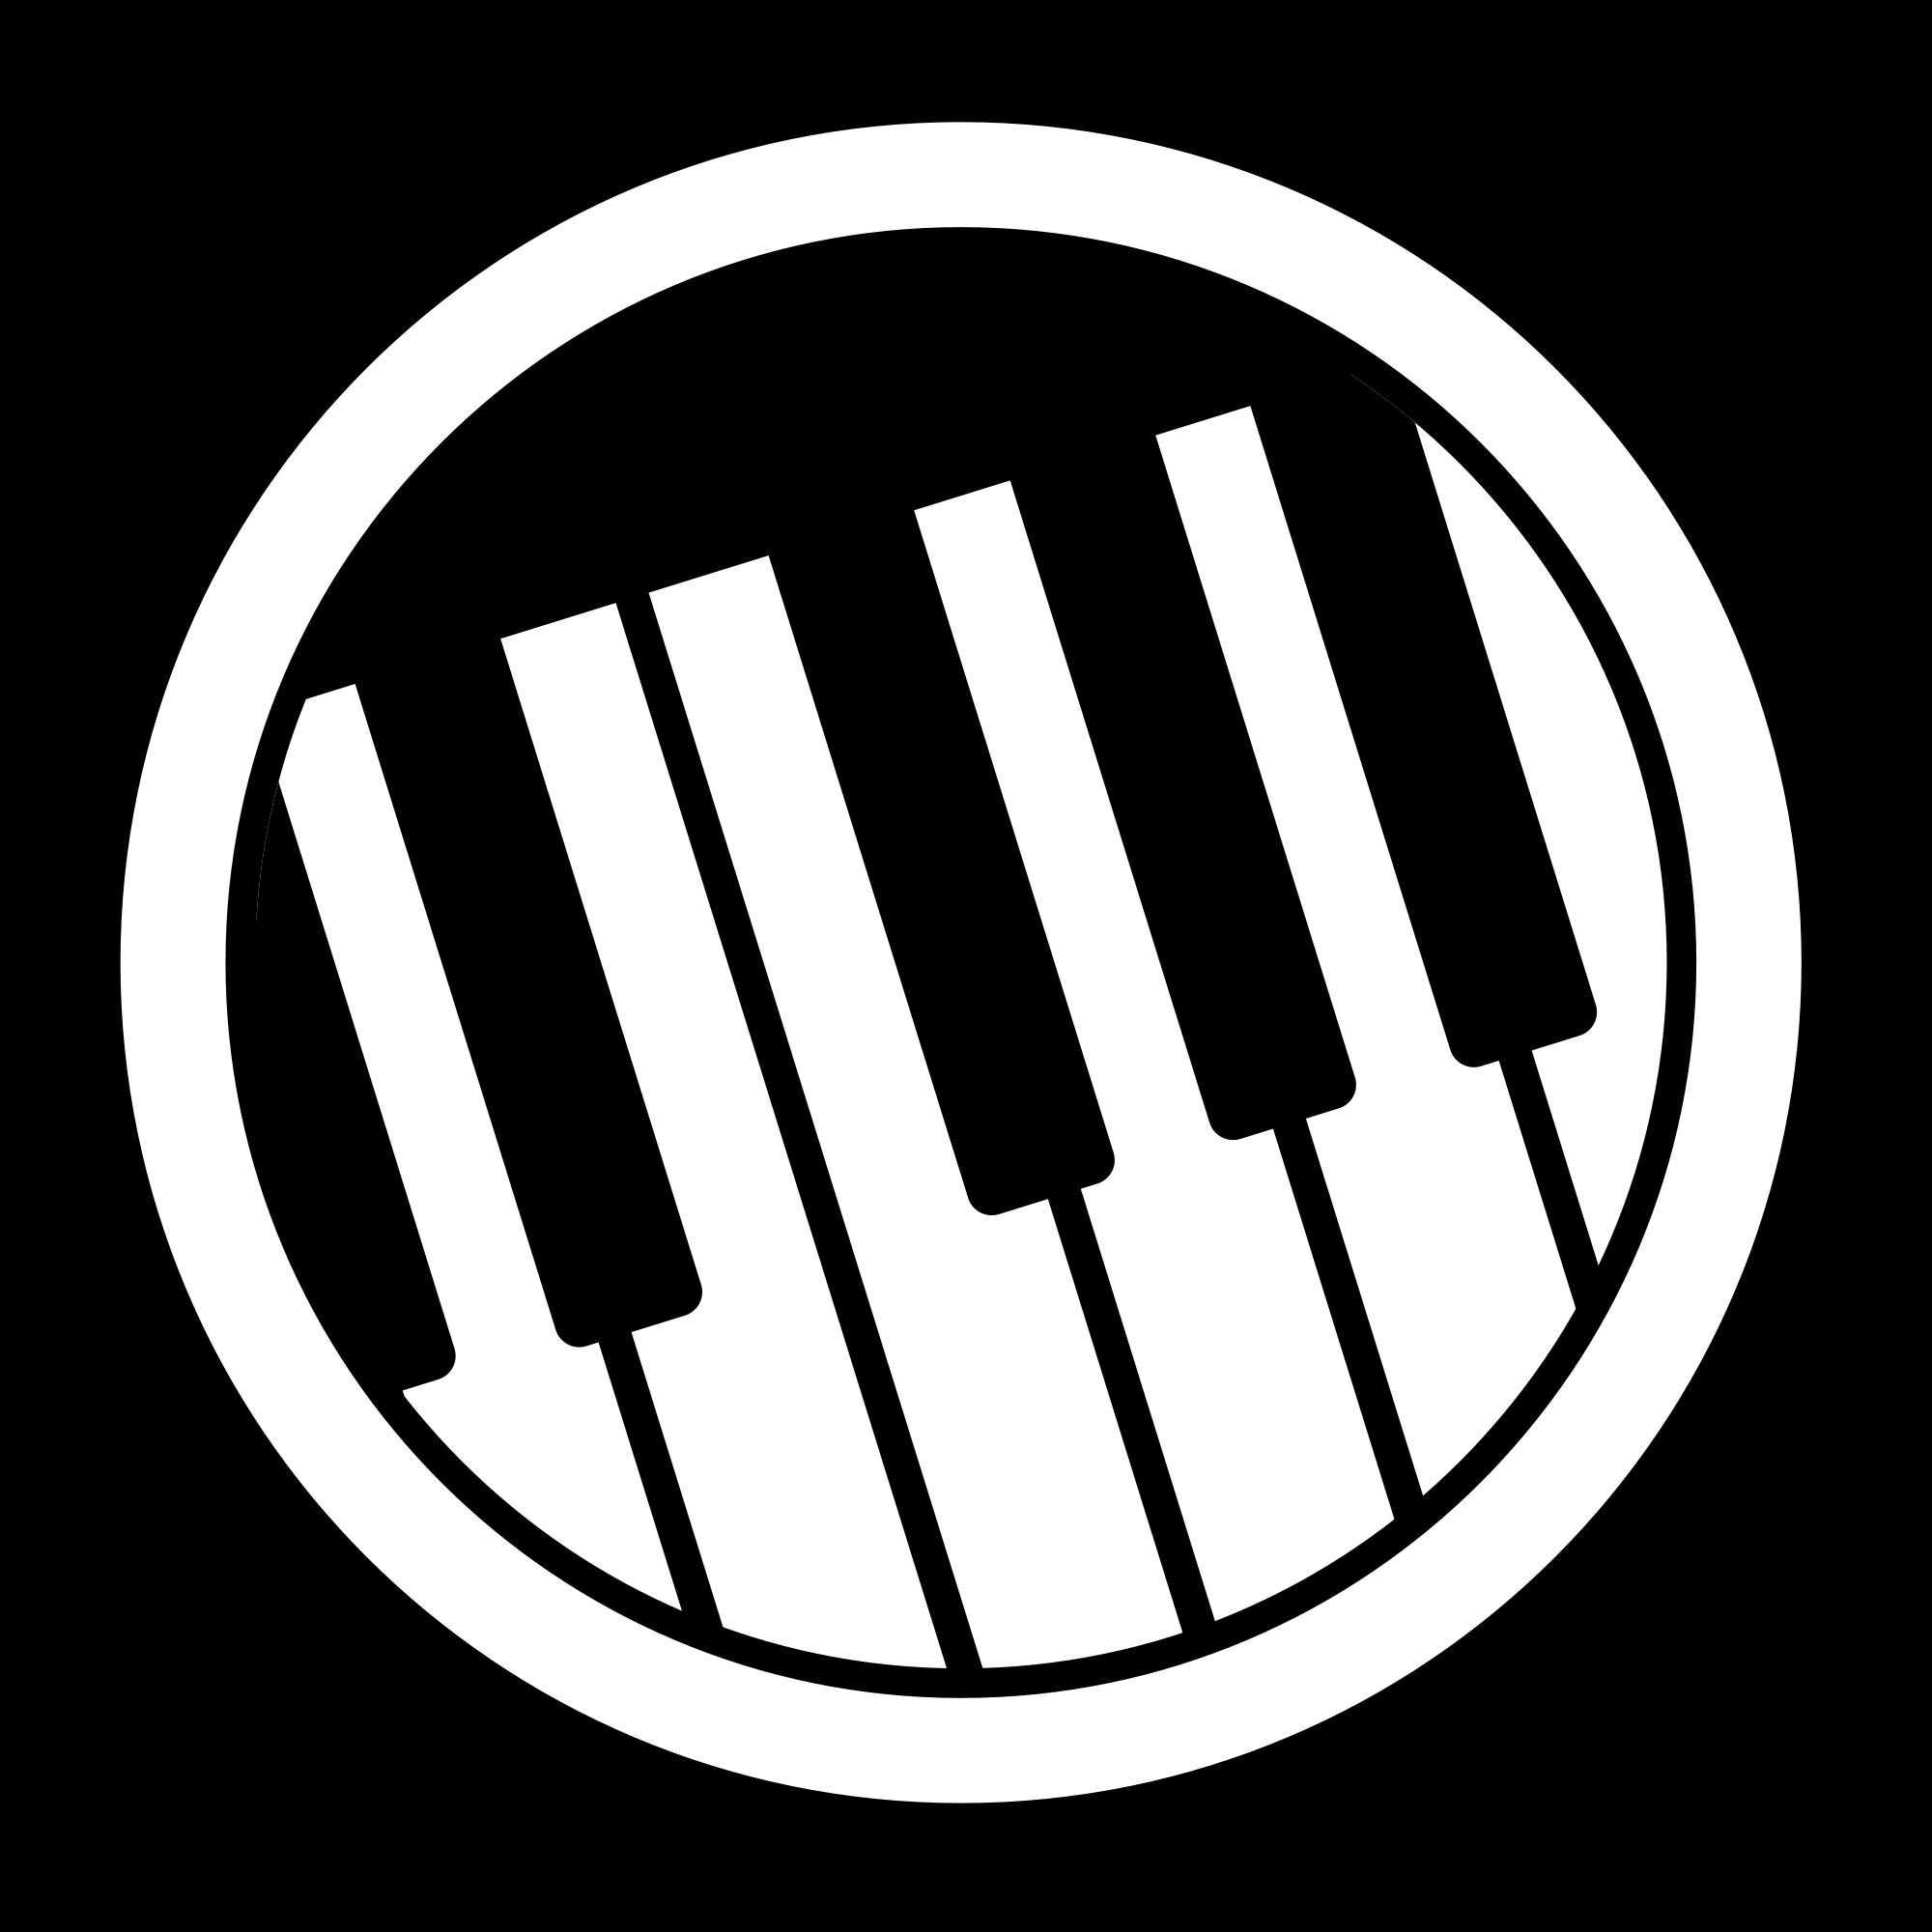 2000x2000 Filerb Keyboard Icon.svg